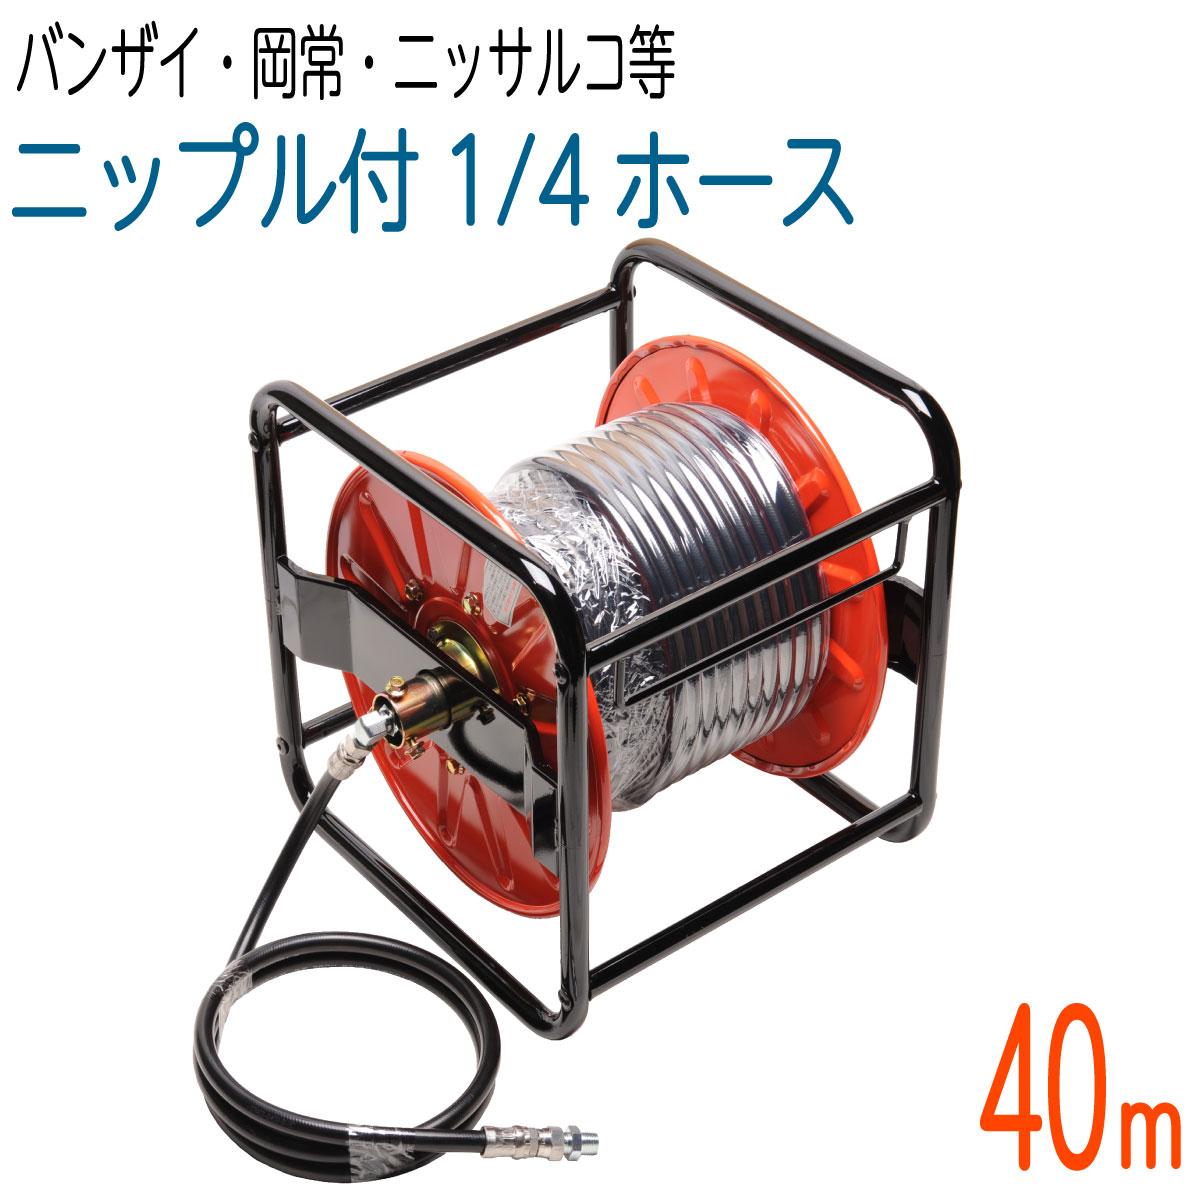 【40Mリール巻き】 両端スプリング付 235k 1/4サイズ 高圧洗浄 タフホース(バンザイ・岡常歯車・ニッサルコなど)